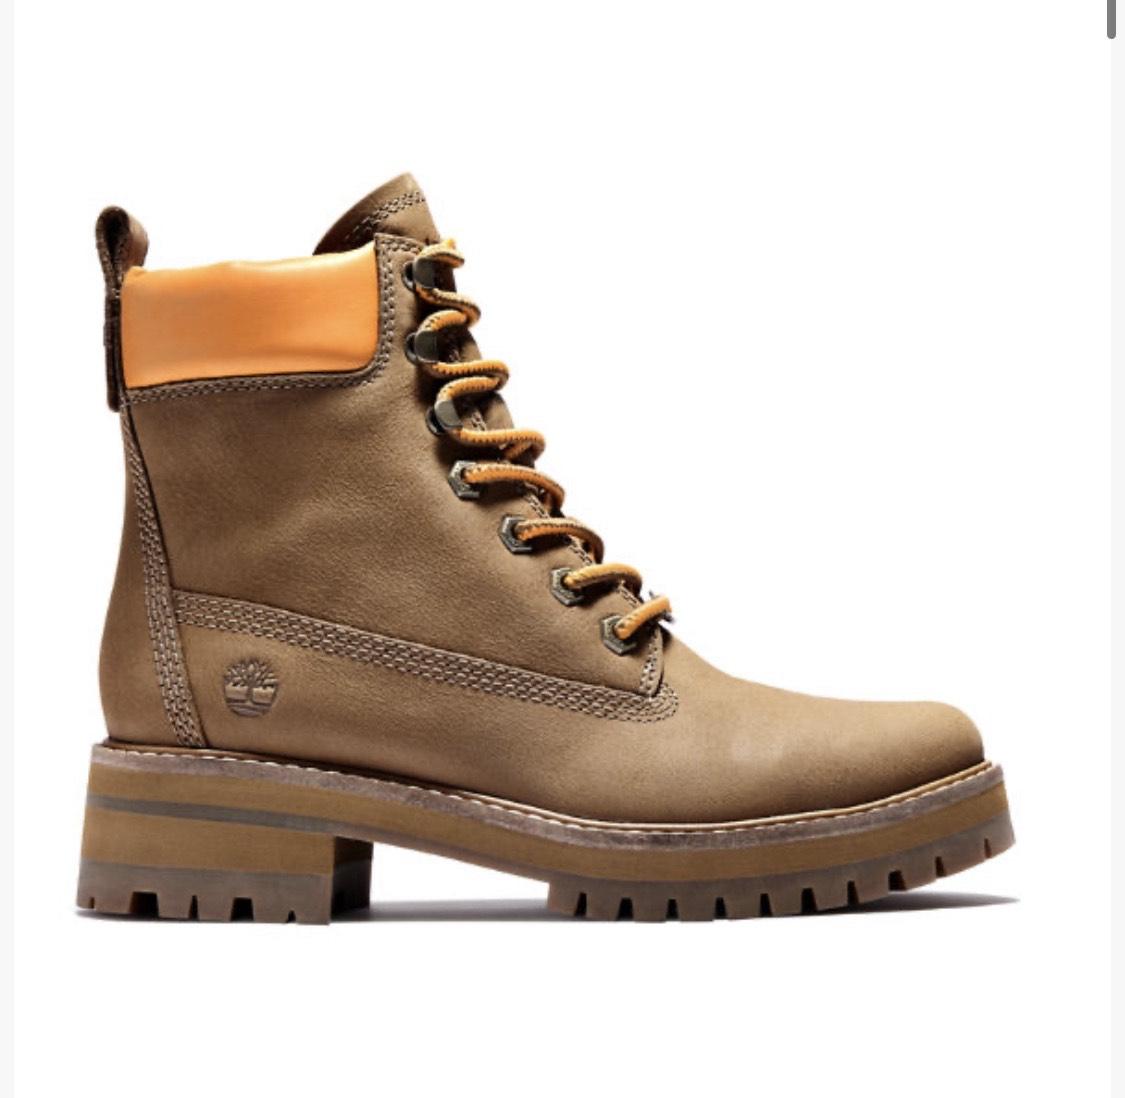 Timberland Onlineshop 20 % EXTRA auf den SALE - Courmayeur Valley Stiefel für Damen 83,96 €